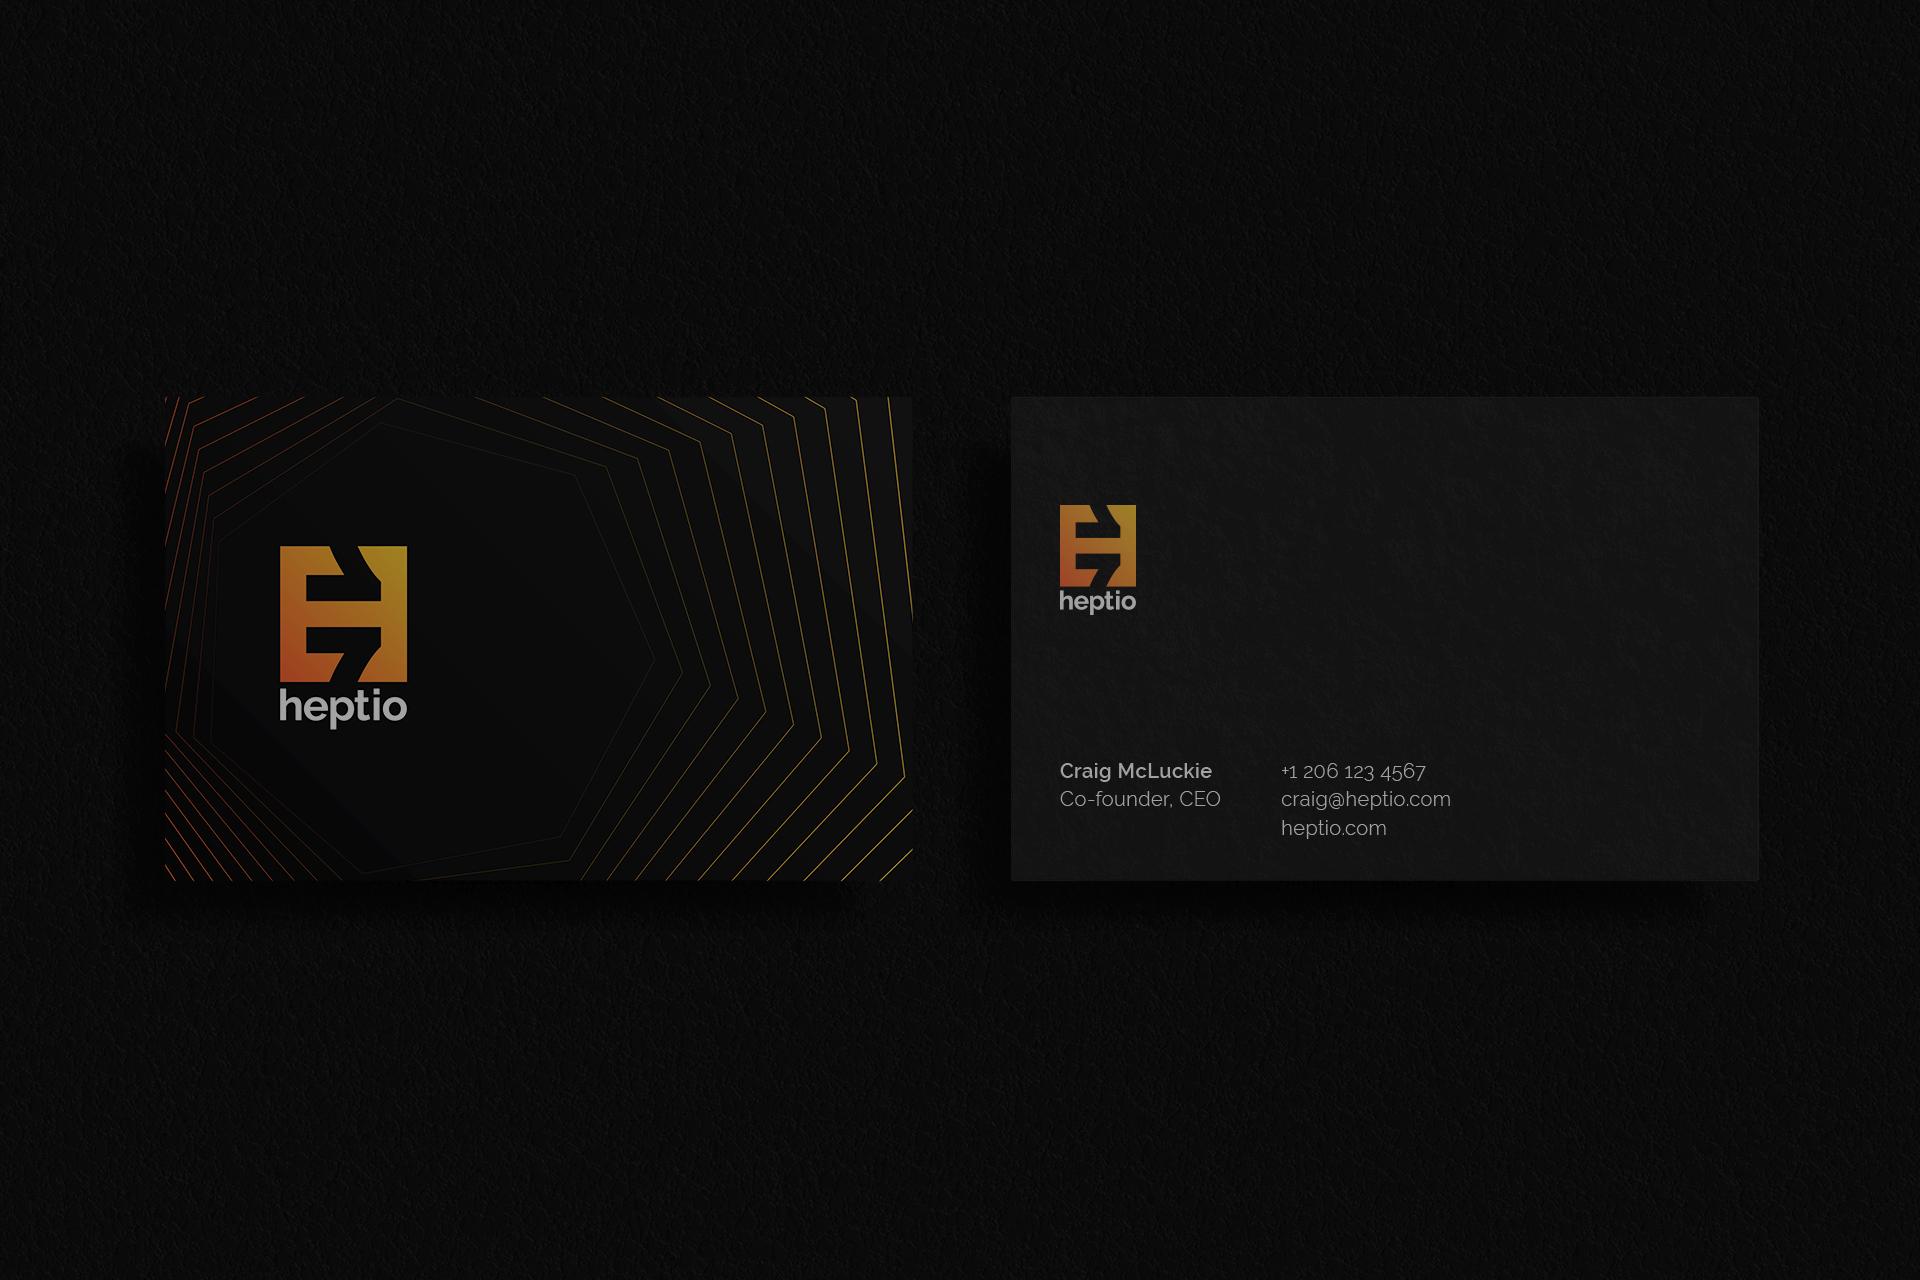 Heptio_Business Card